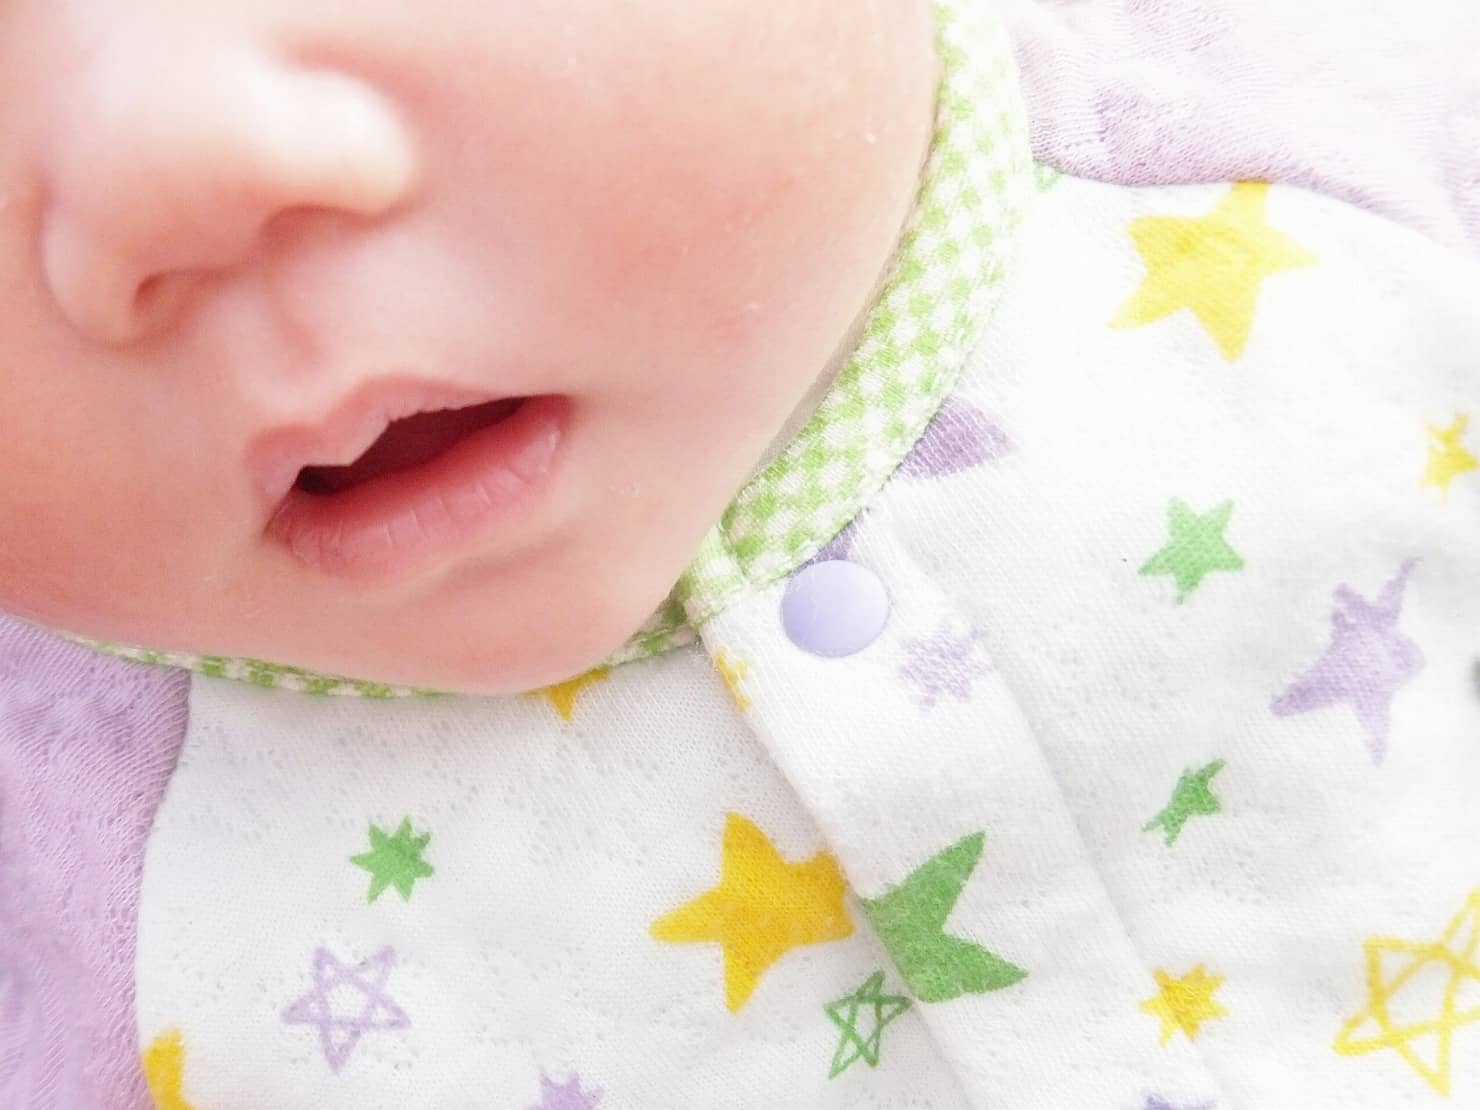 新生児のツーウェイオールは便利! 赤ちゃんがいつまで着られる? 選び方やおすすめ10選を紹介